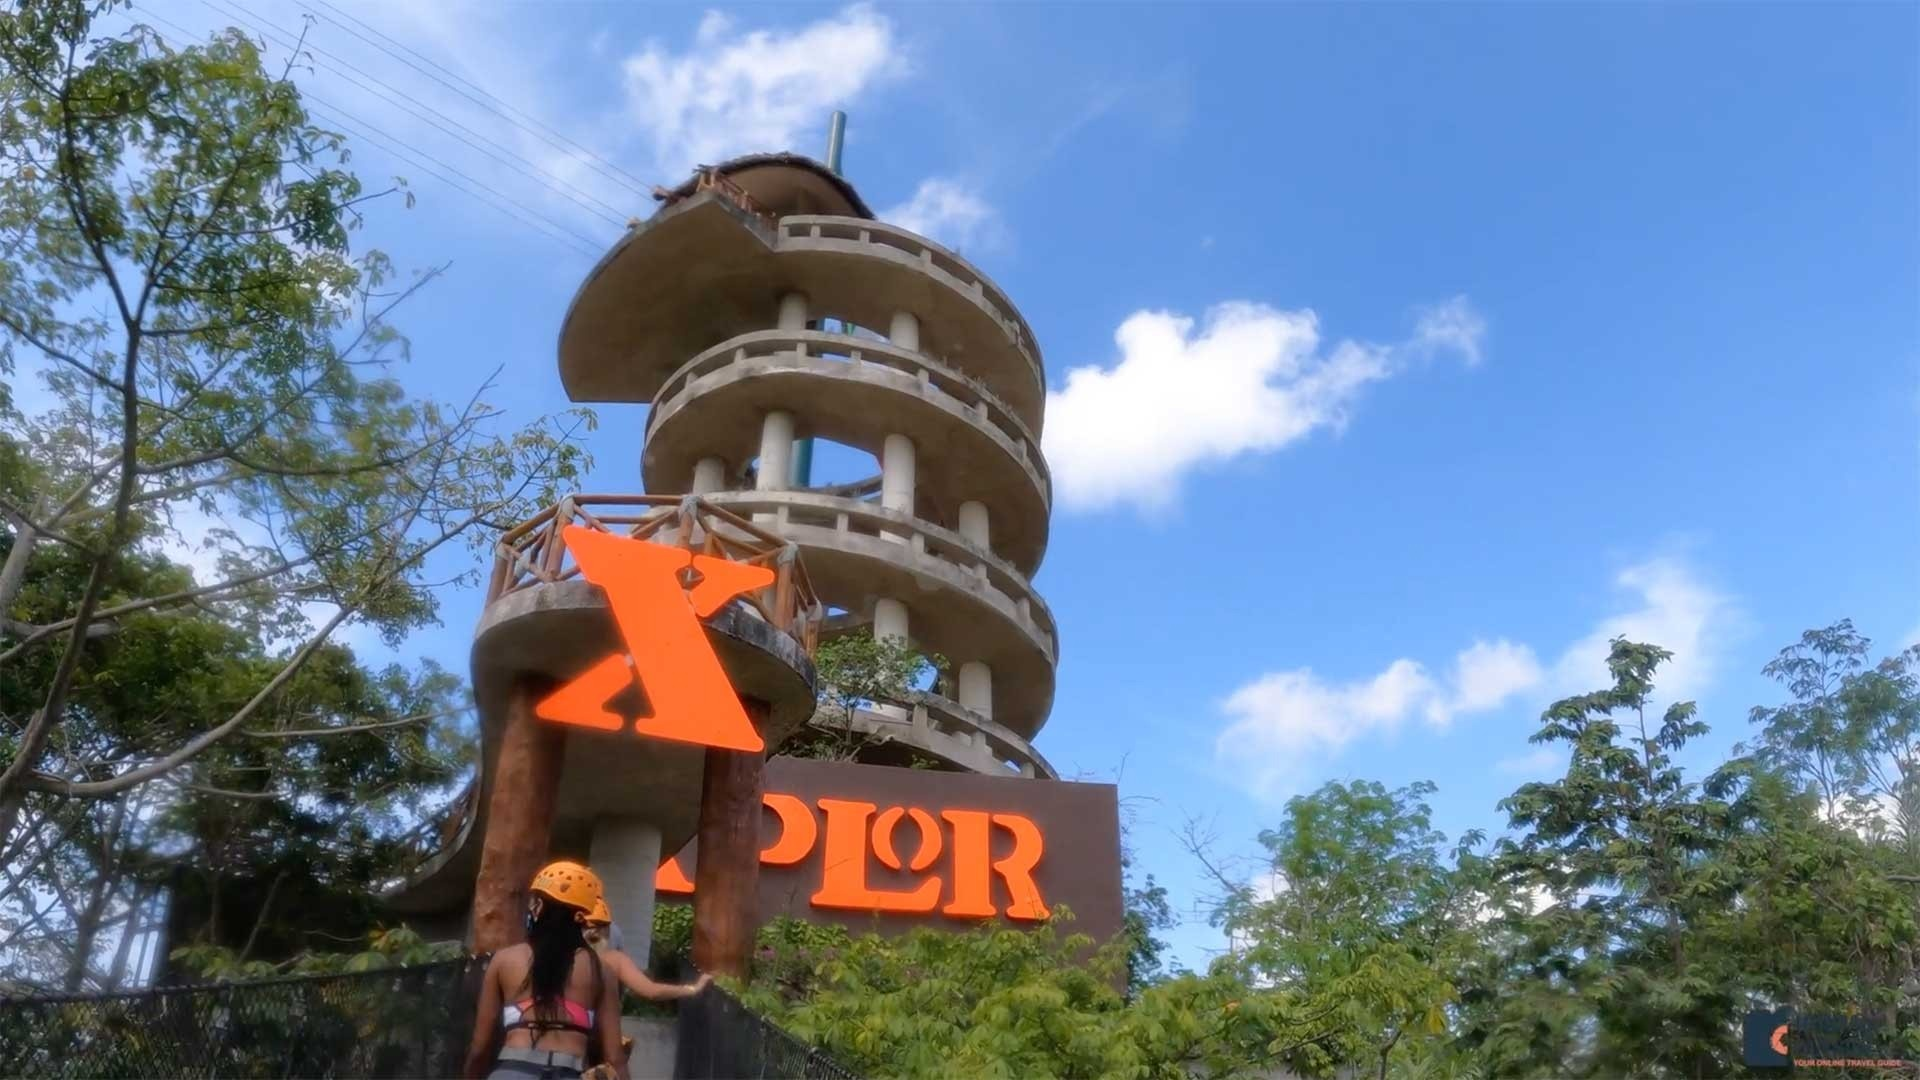 Xplor Park Spiral Tower